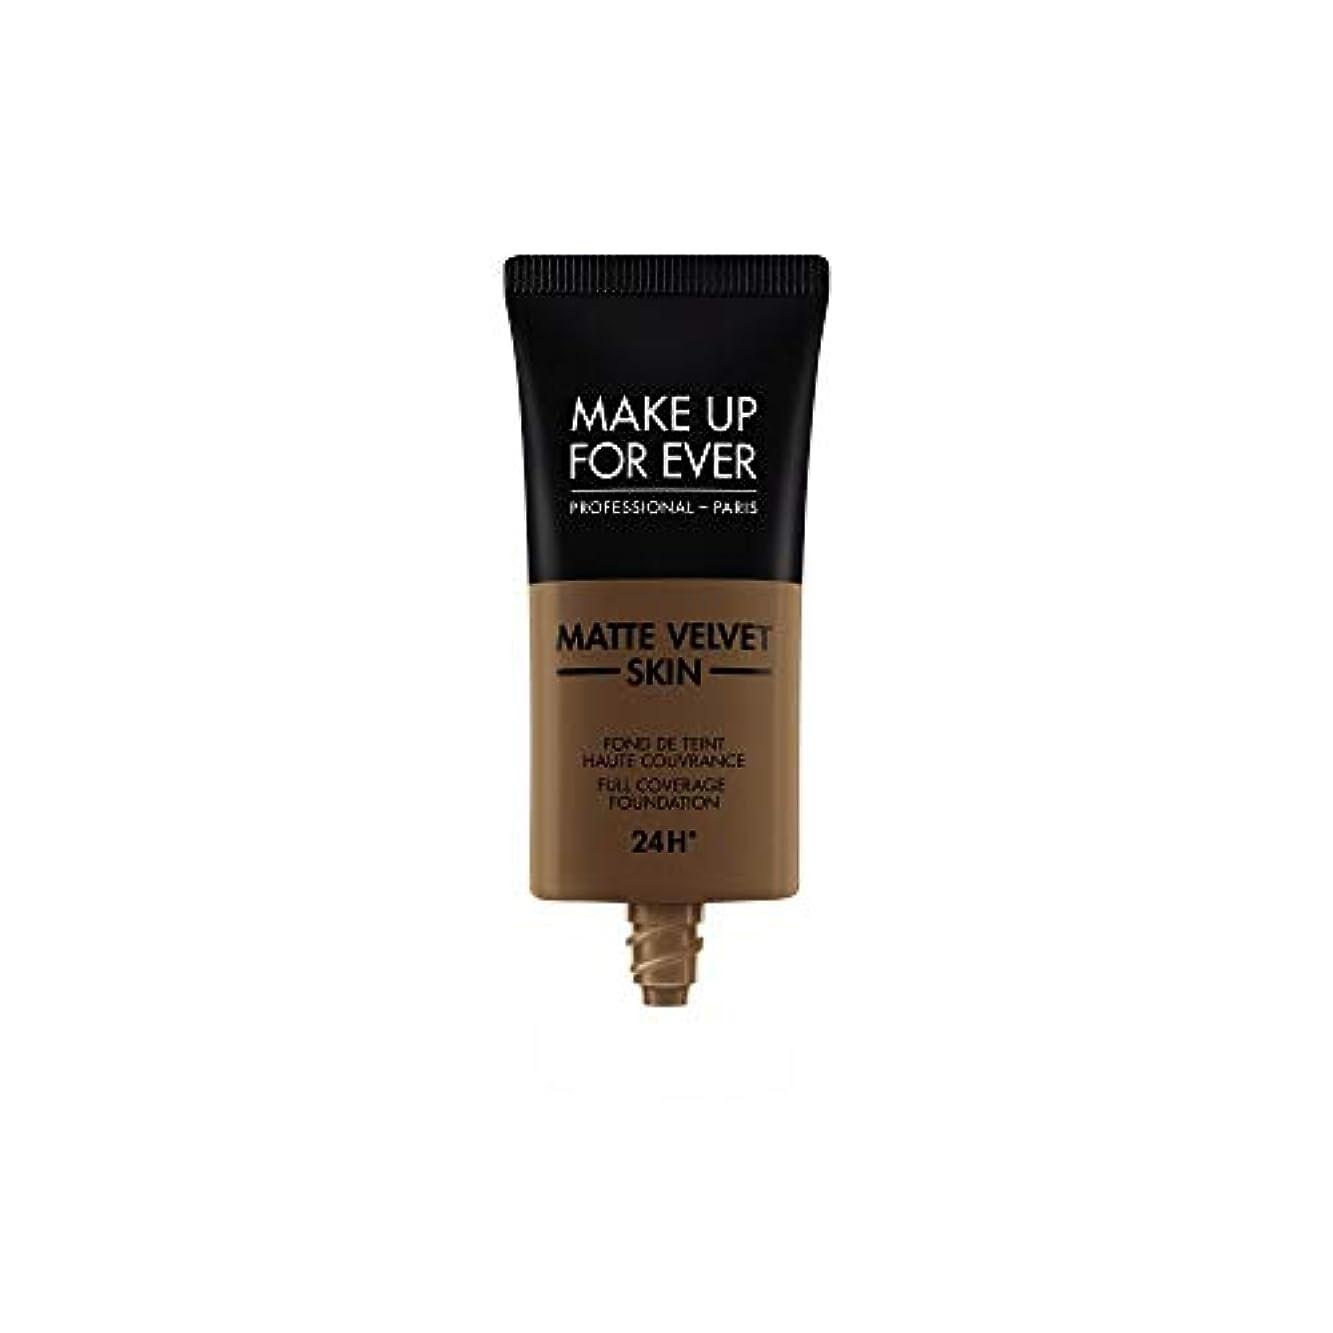 やりがいのあるアクセサリー驚くばかりMAKE UP FOR EVER Matte Velvet Skin Full Coverage Foundation (R540 Dark Brown)